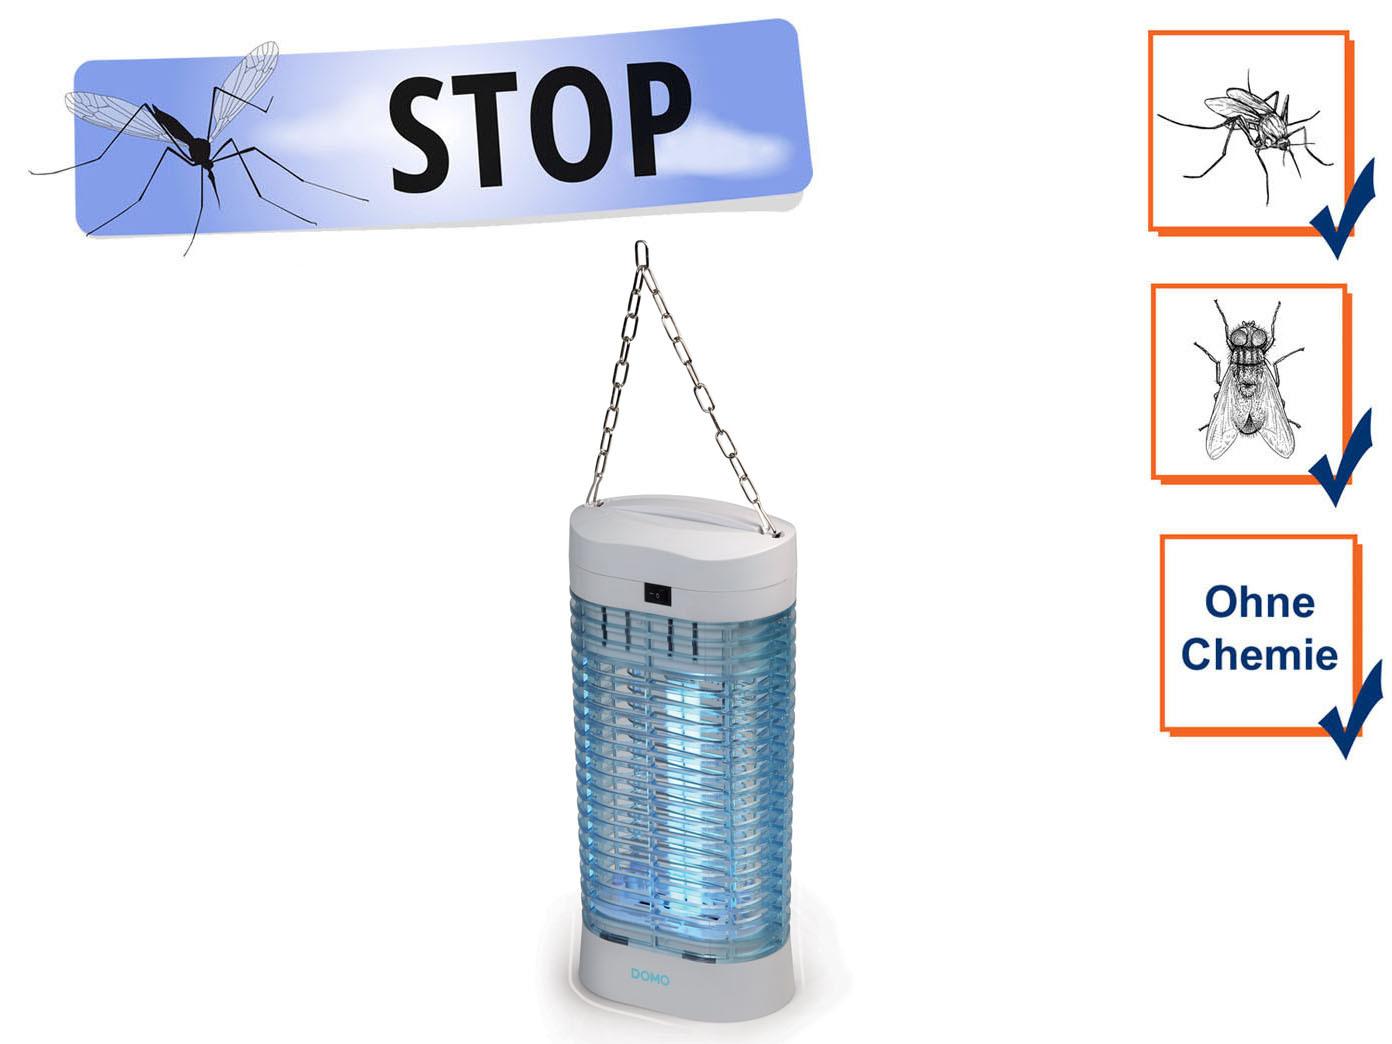 Profi Insektenvernichter Mit Aufhangung Licht Falle Mucken Lampe Camping